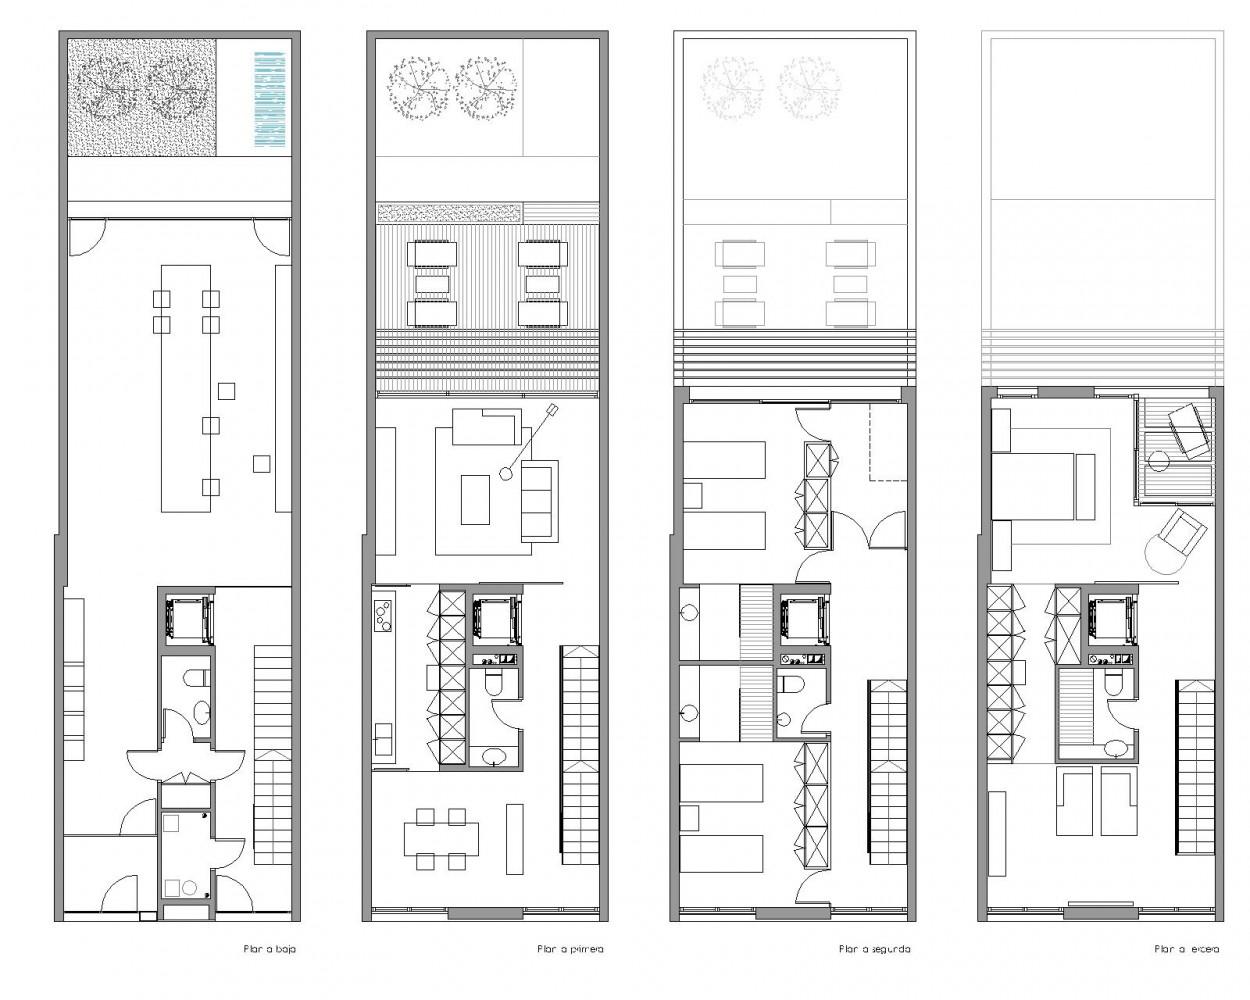 Vivienda medianera al1 residencial nu o arquitectos - Distribucion casa alargada ...